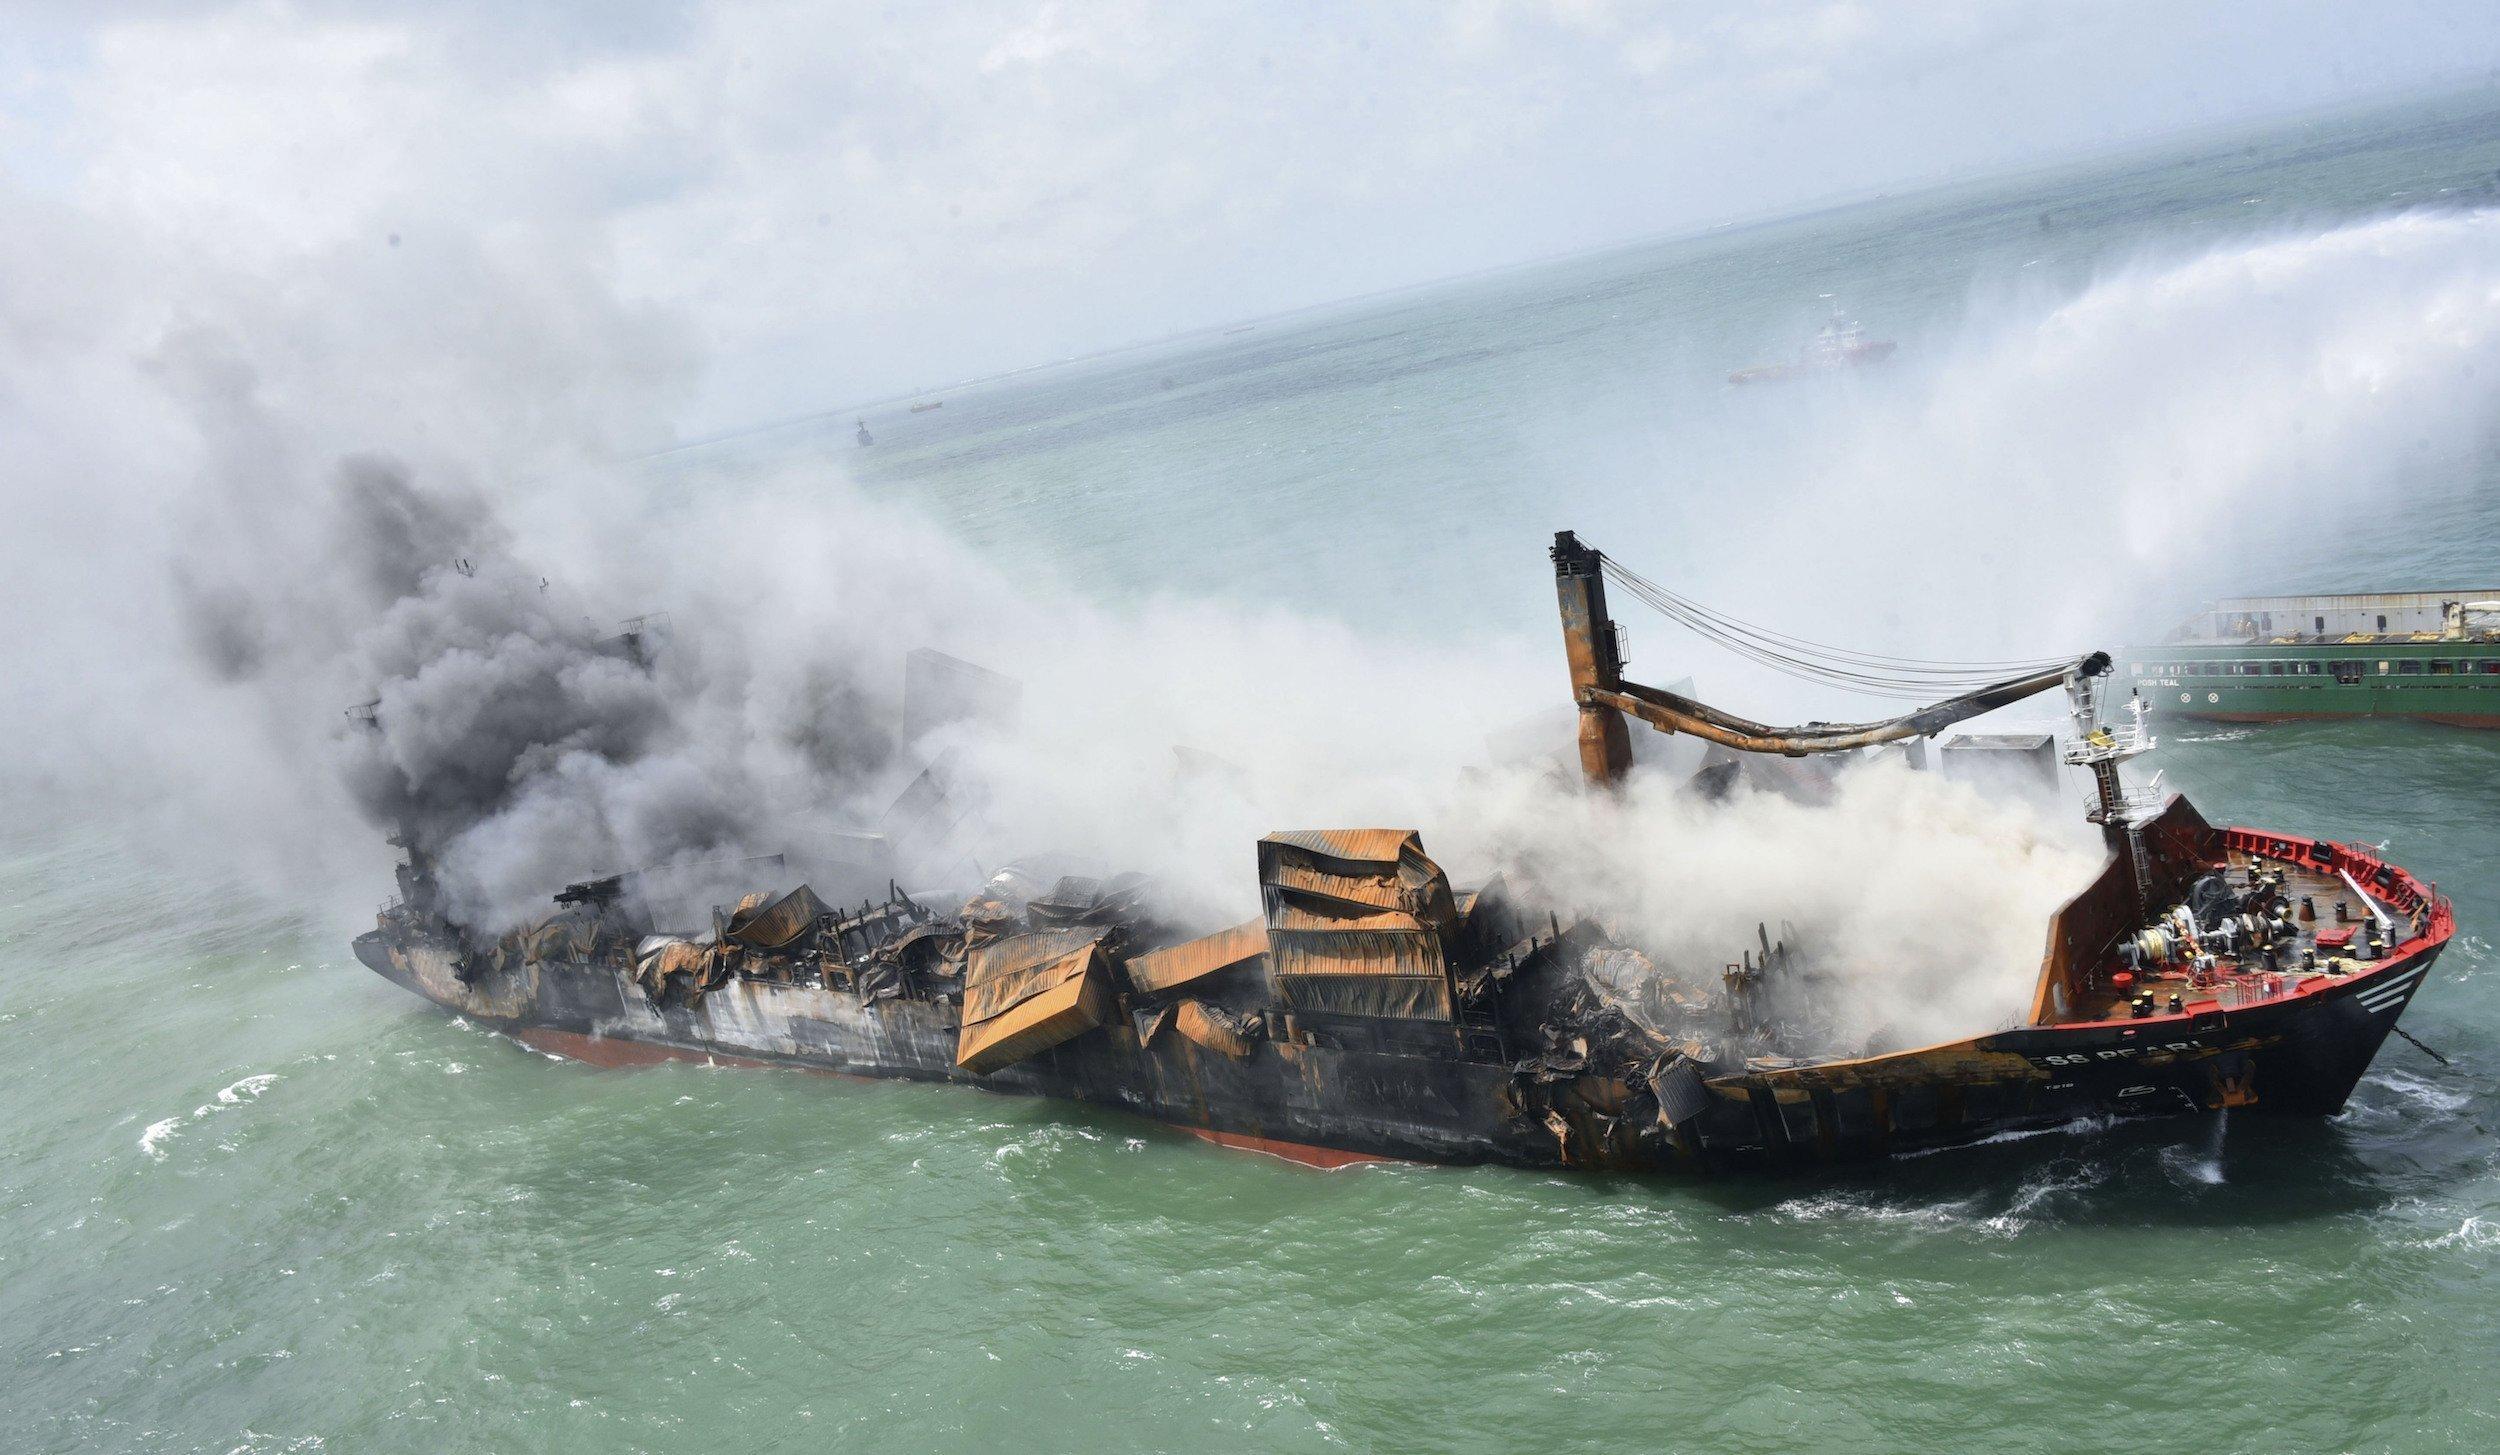 Ein sinkender, brennender Frachter, von rechts Wasser von einem Löschschiff.